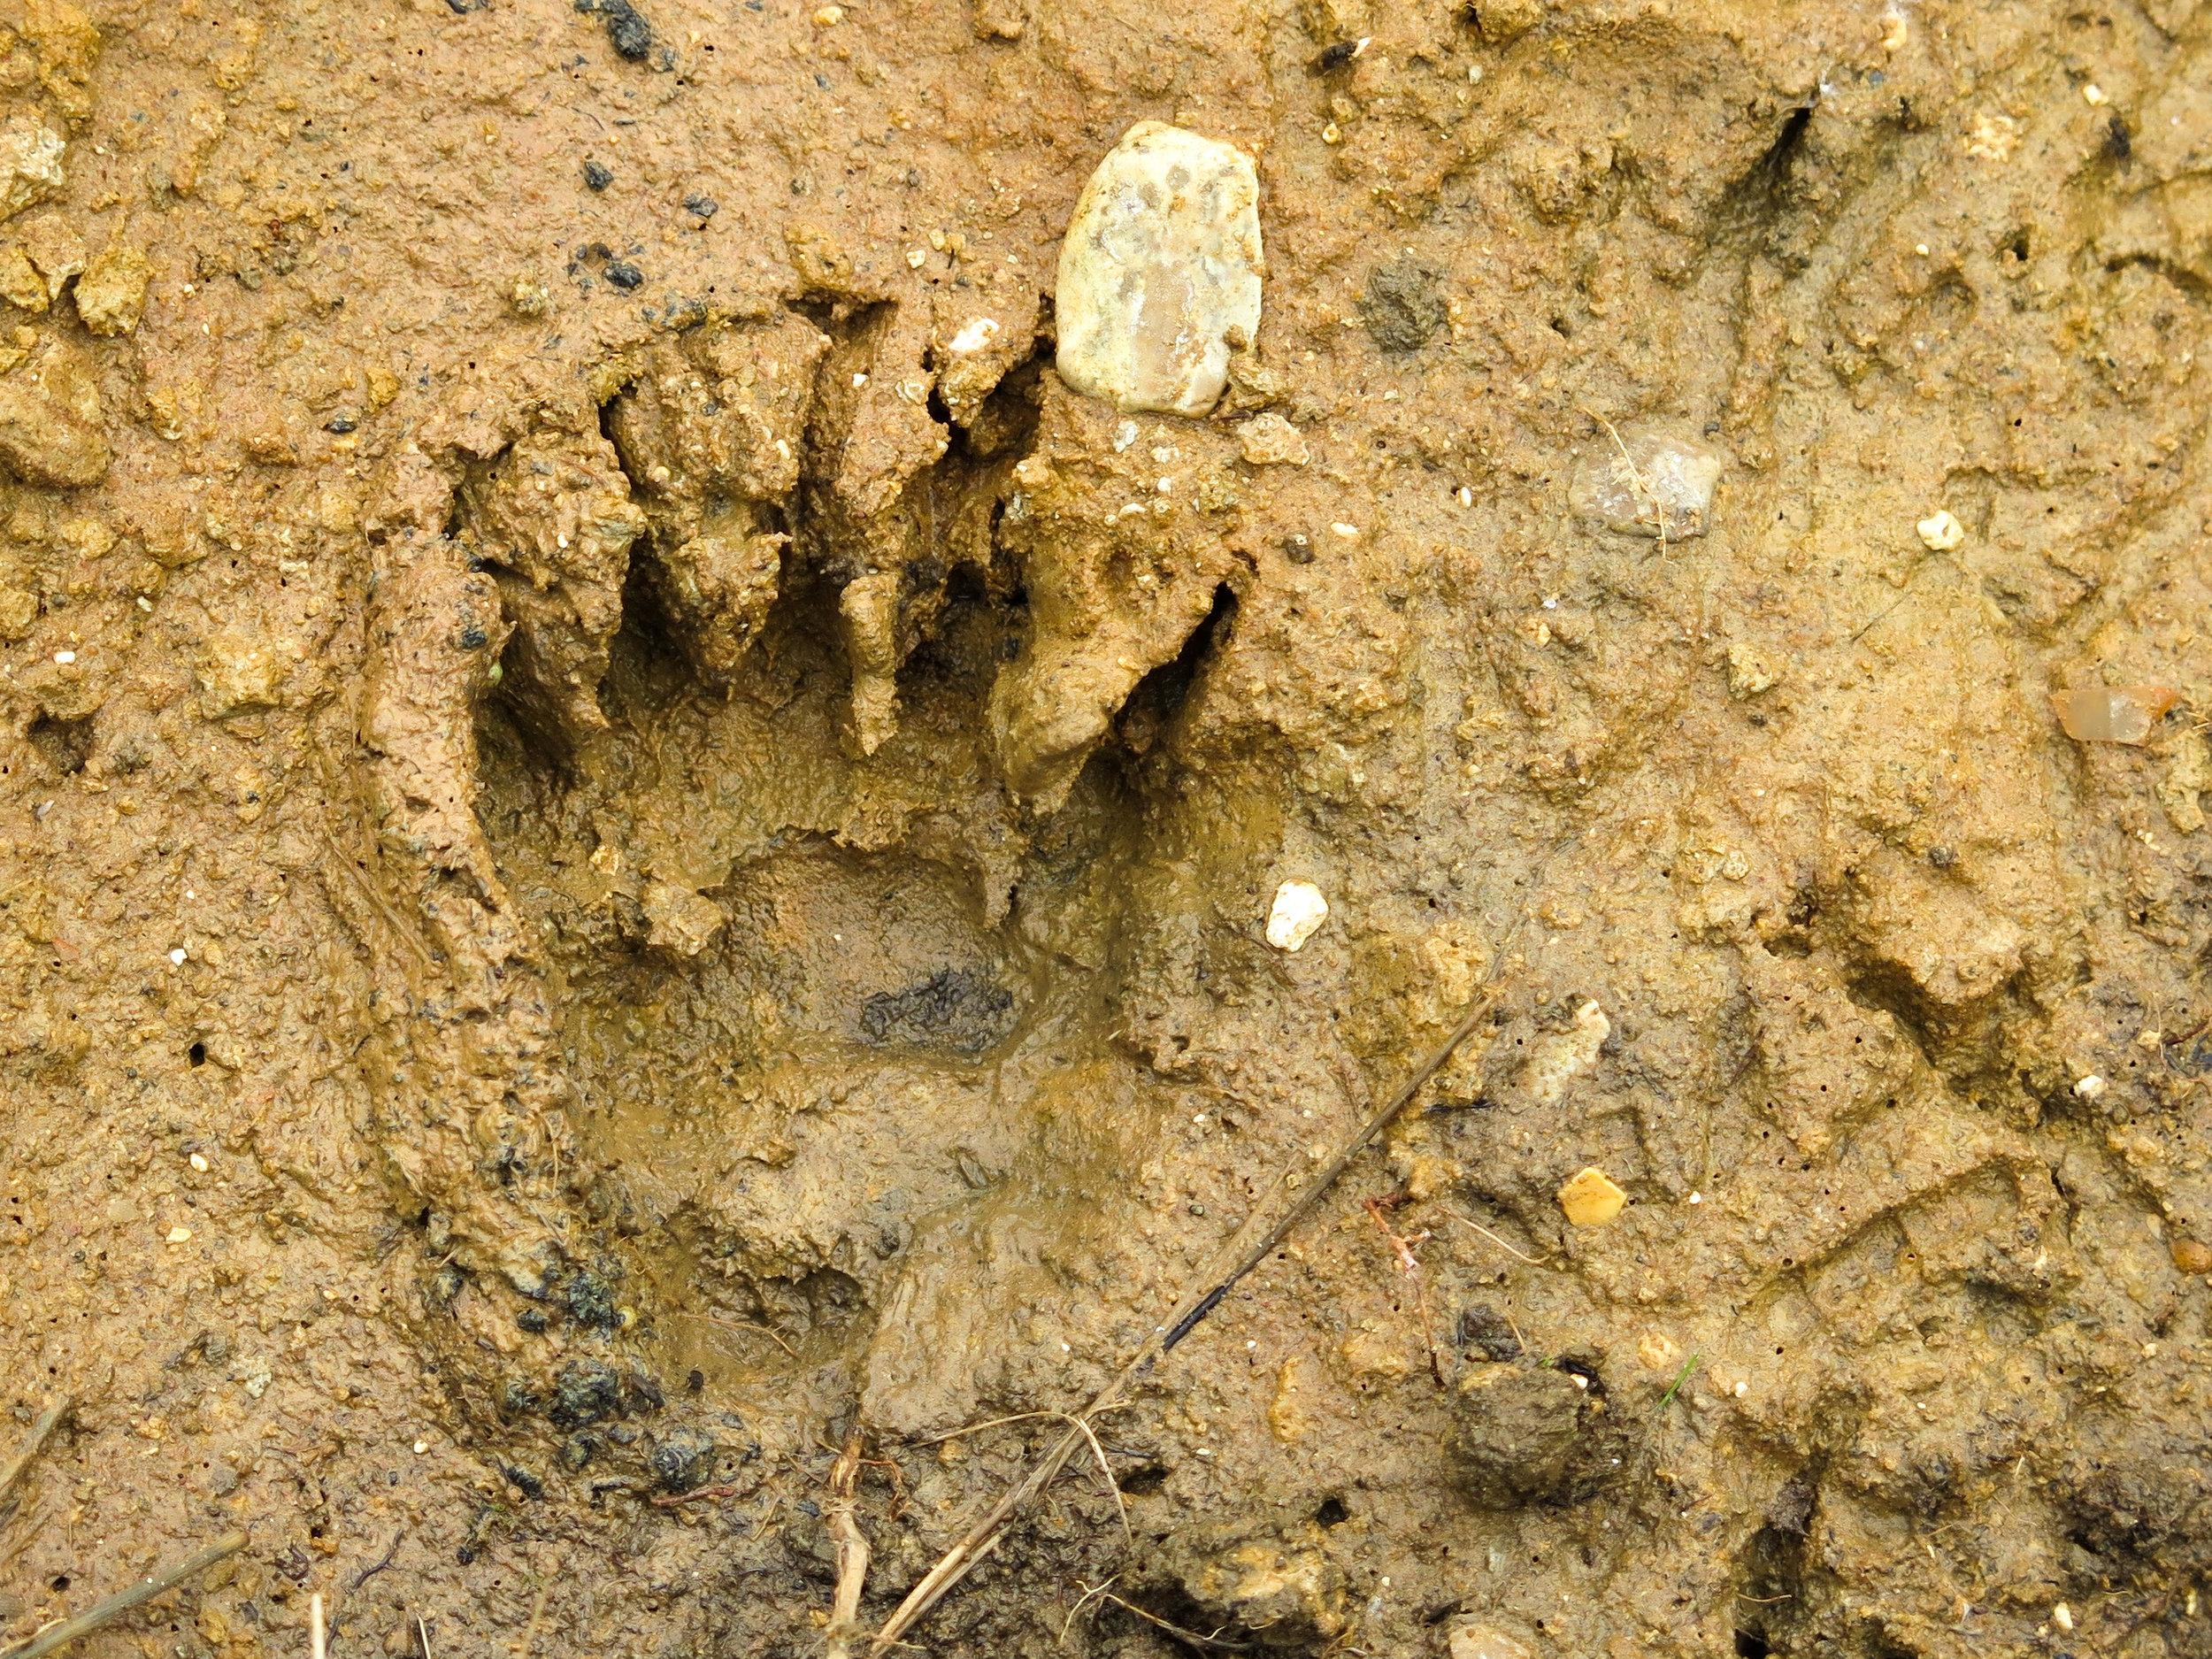 badger footprint in mud